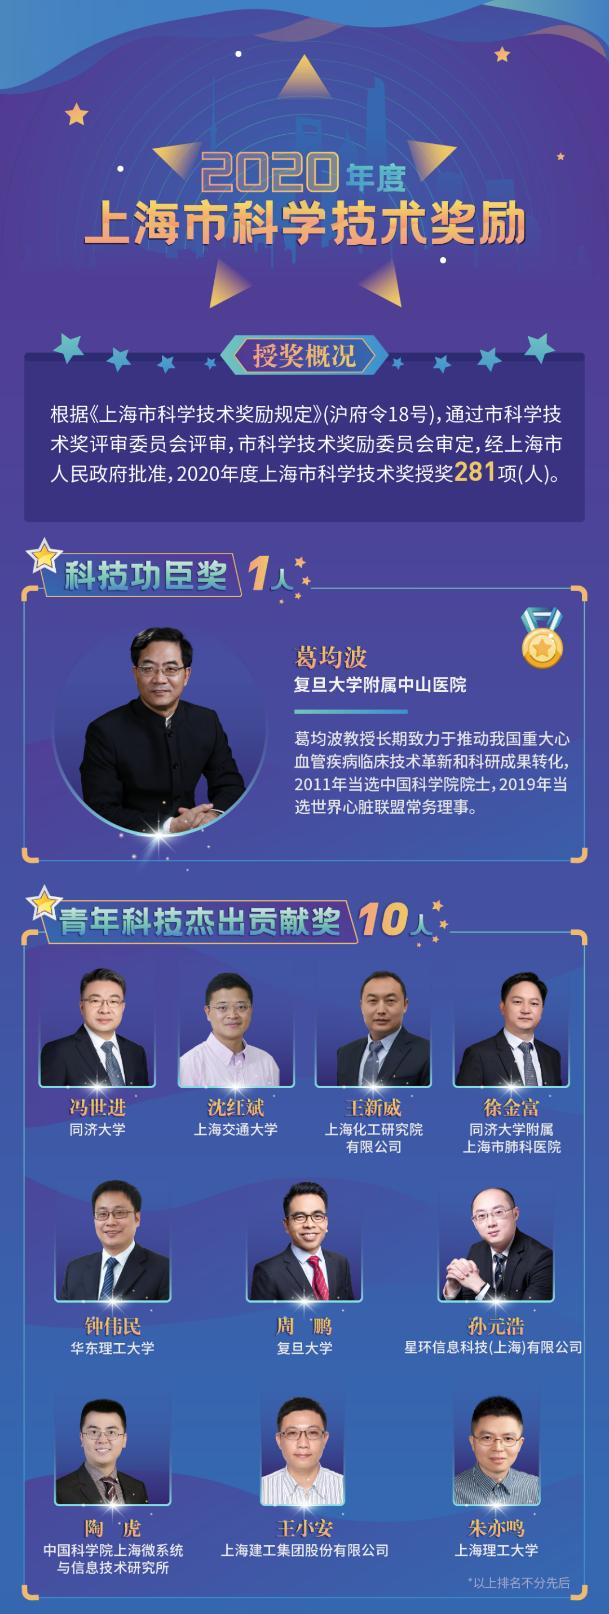 2020年度上海市科学技术奖揭晓,星环科技孙元浩荣获青年科技杰出贡献奖